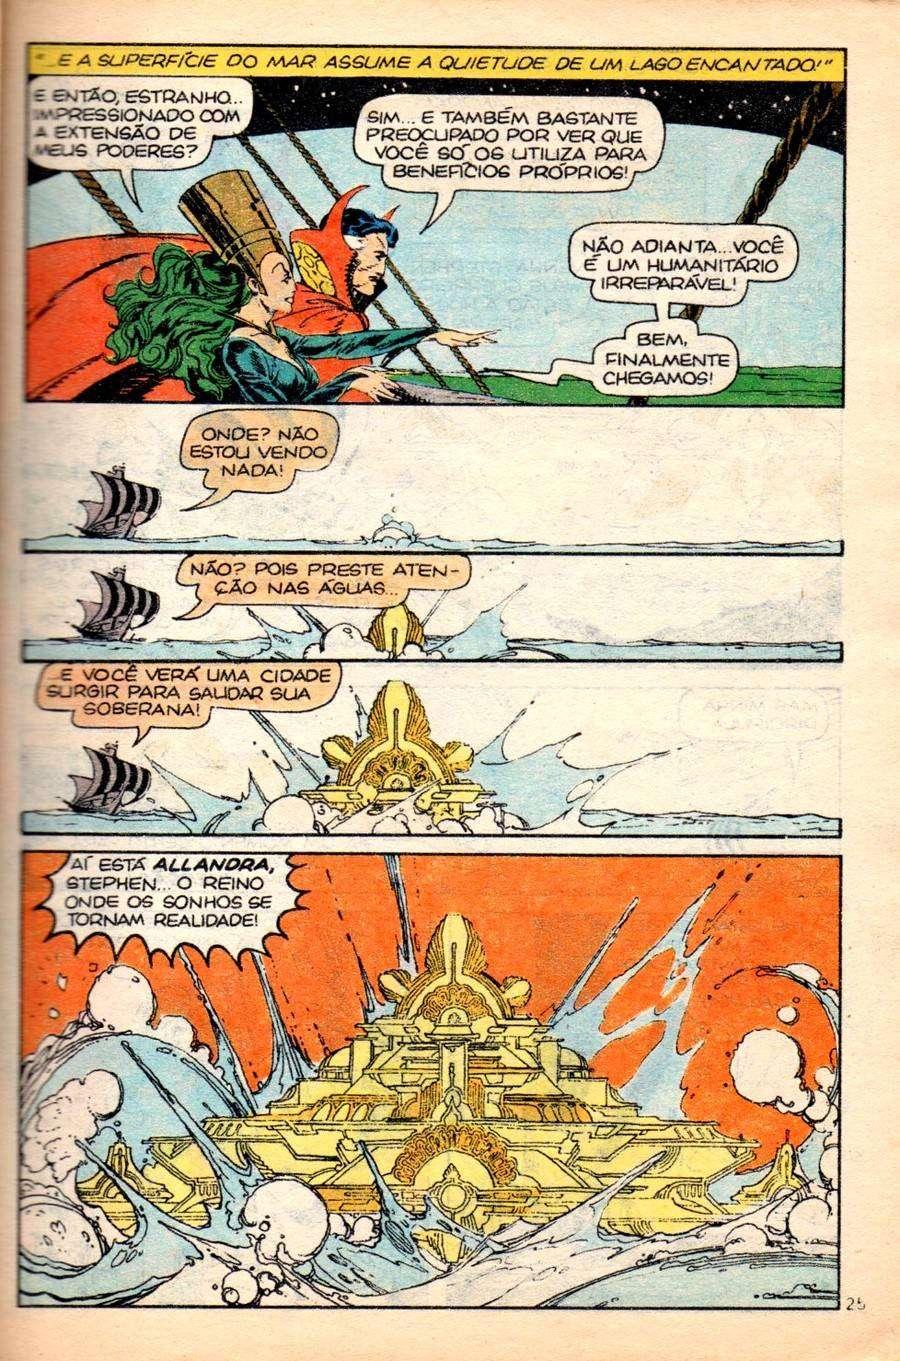 Arte de P. Craig Russell na história original